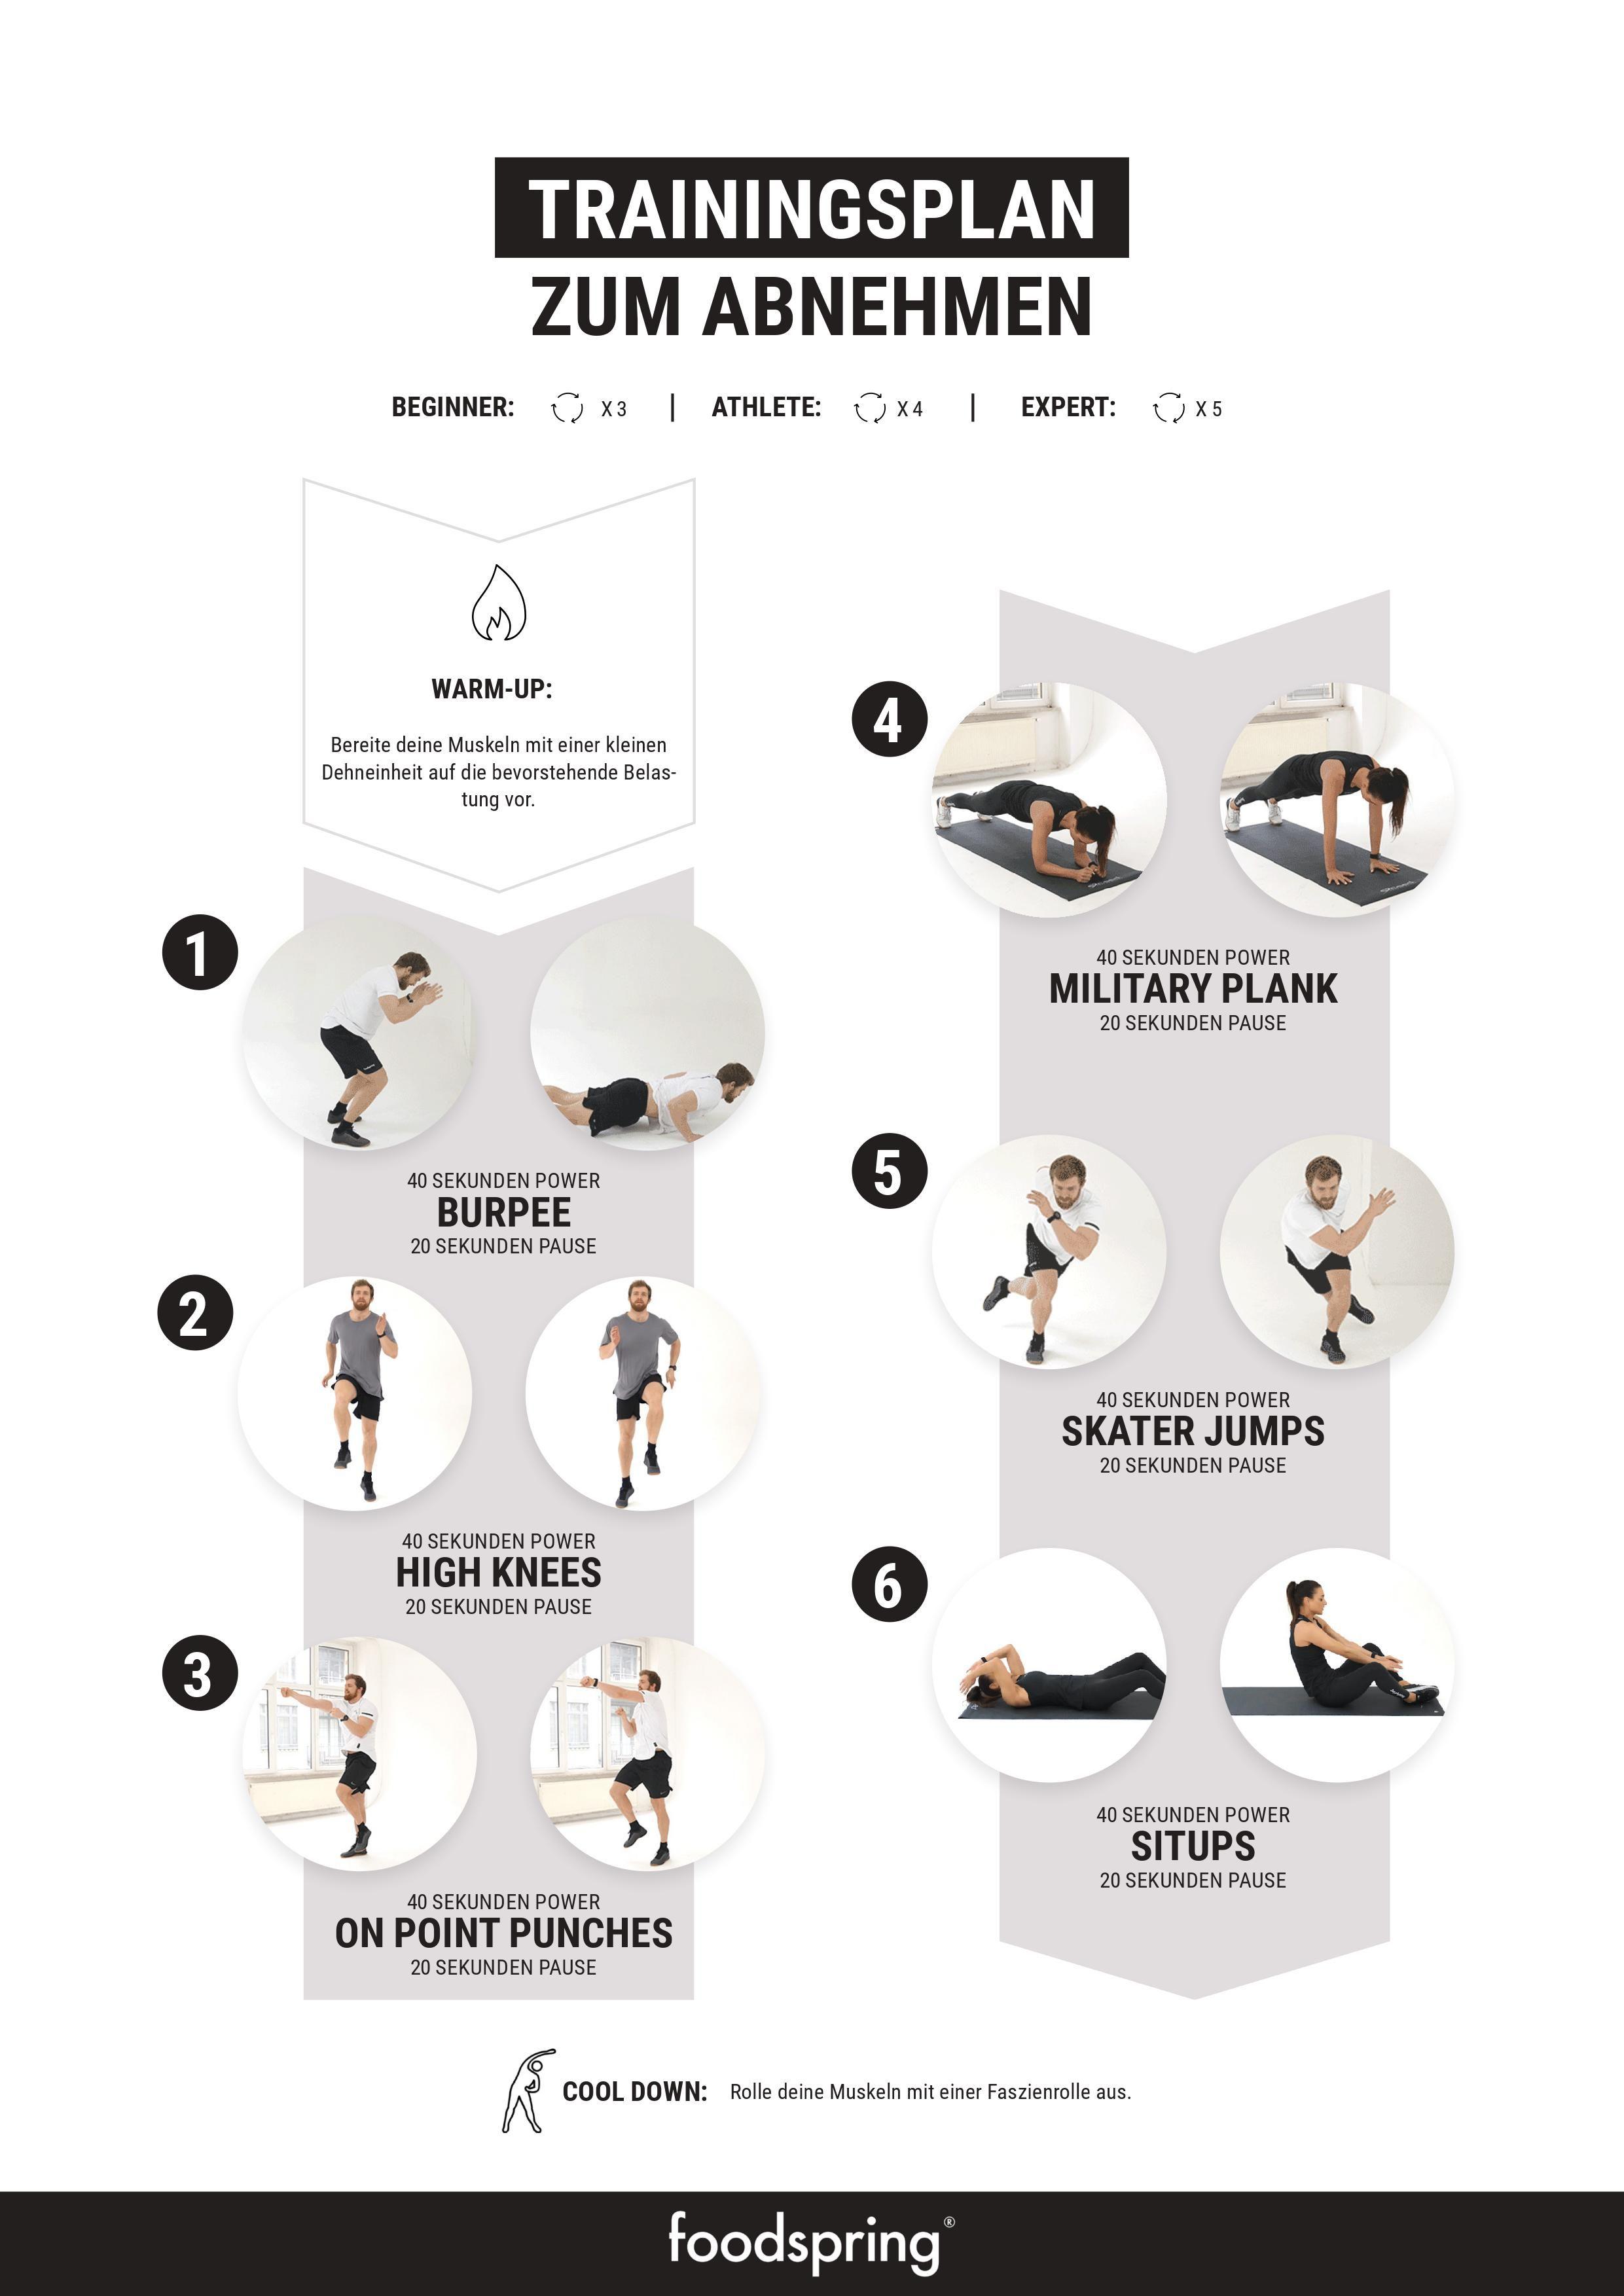 Super 6 Übungen zum Abnehmen + kostenlosem Trainingsplan | Workout plans  IK91